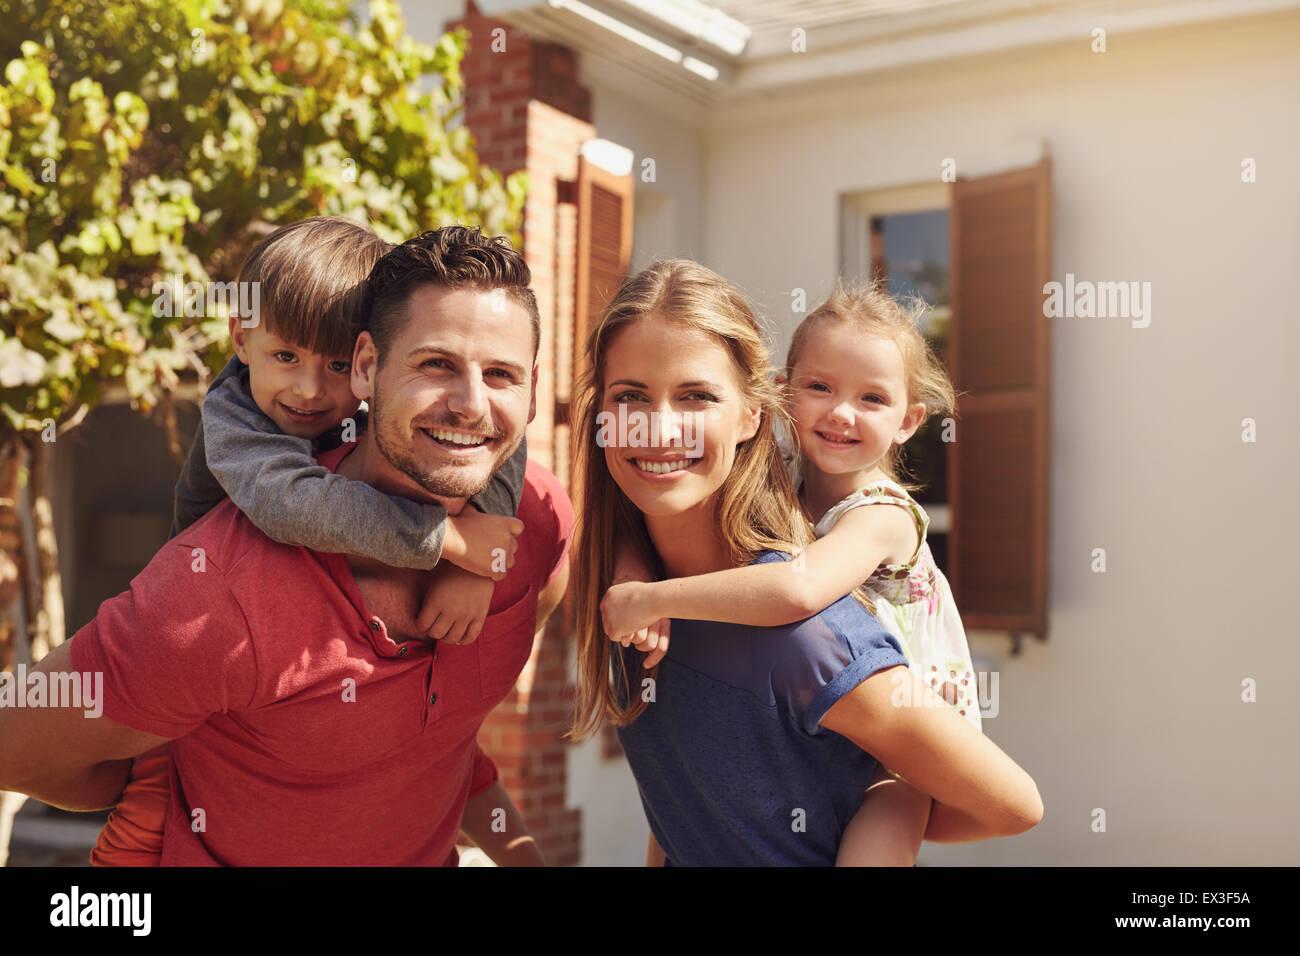 Portrait über ein glückliches Paar, die ihre Kinder auf dem Rücken tragen. Eltern geben ihre Kinder Stockbild